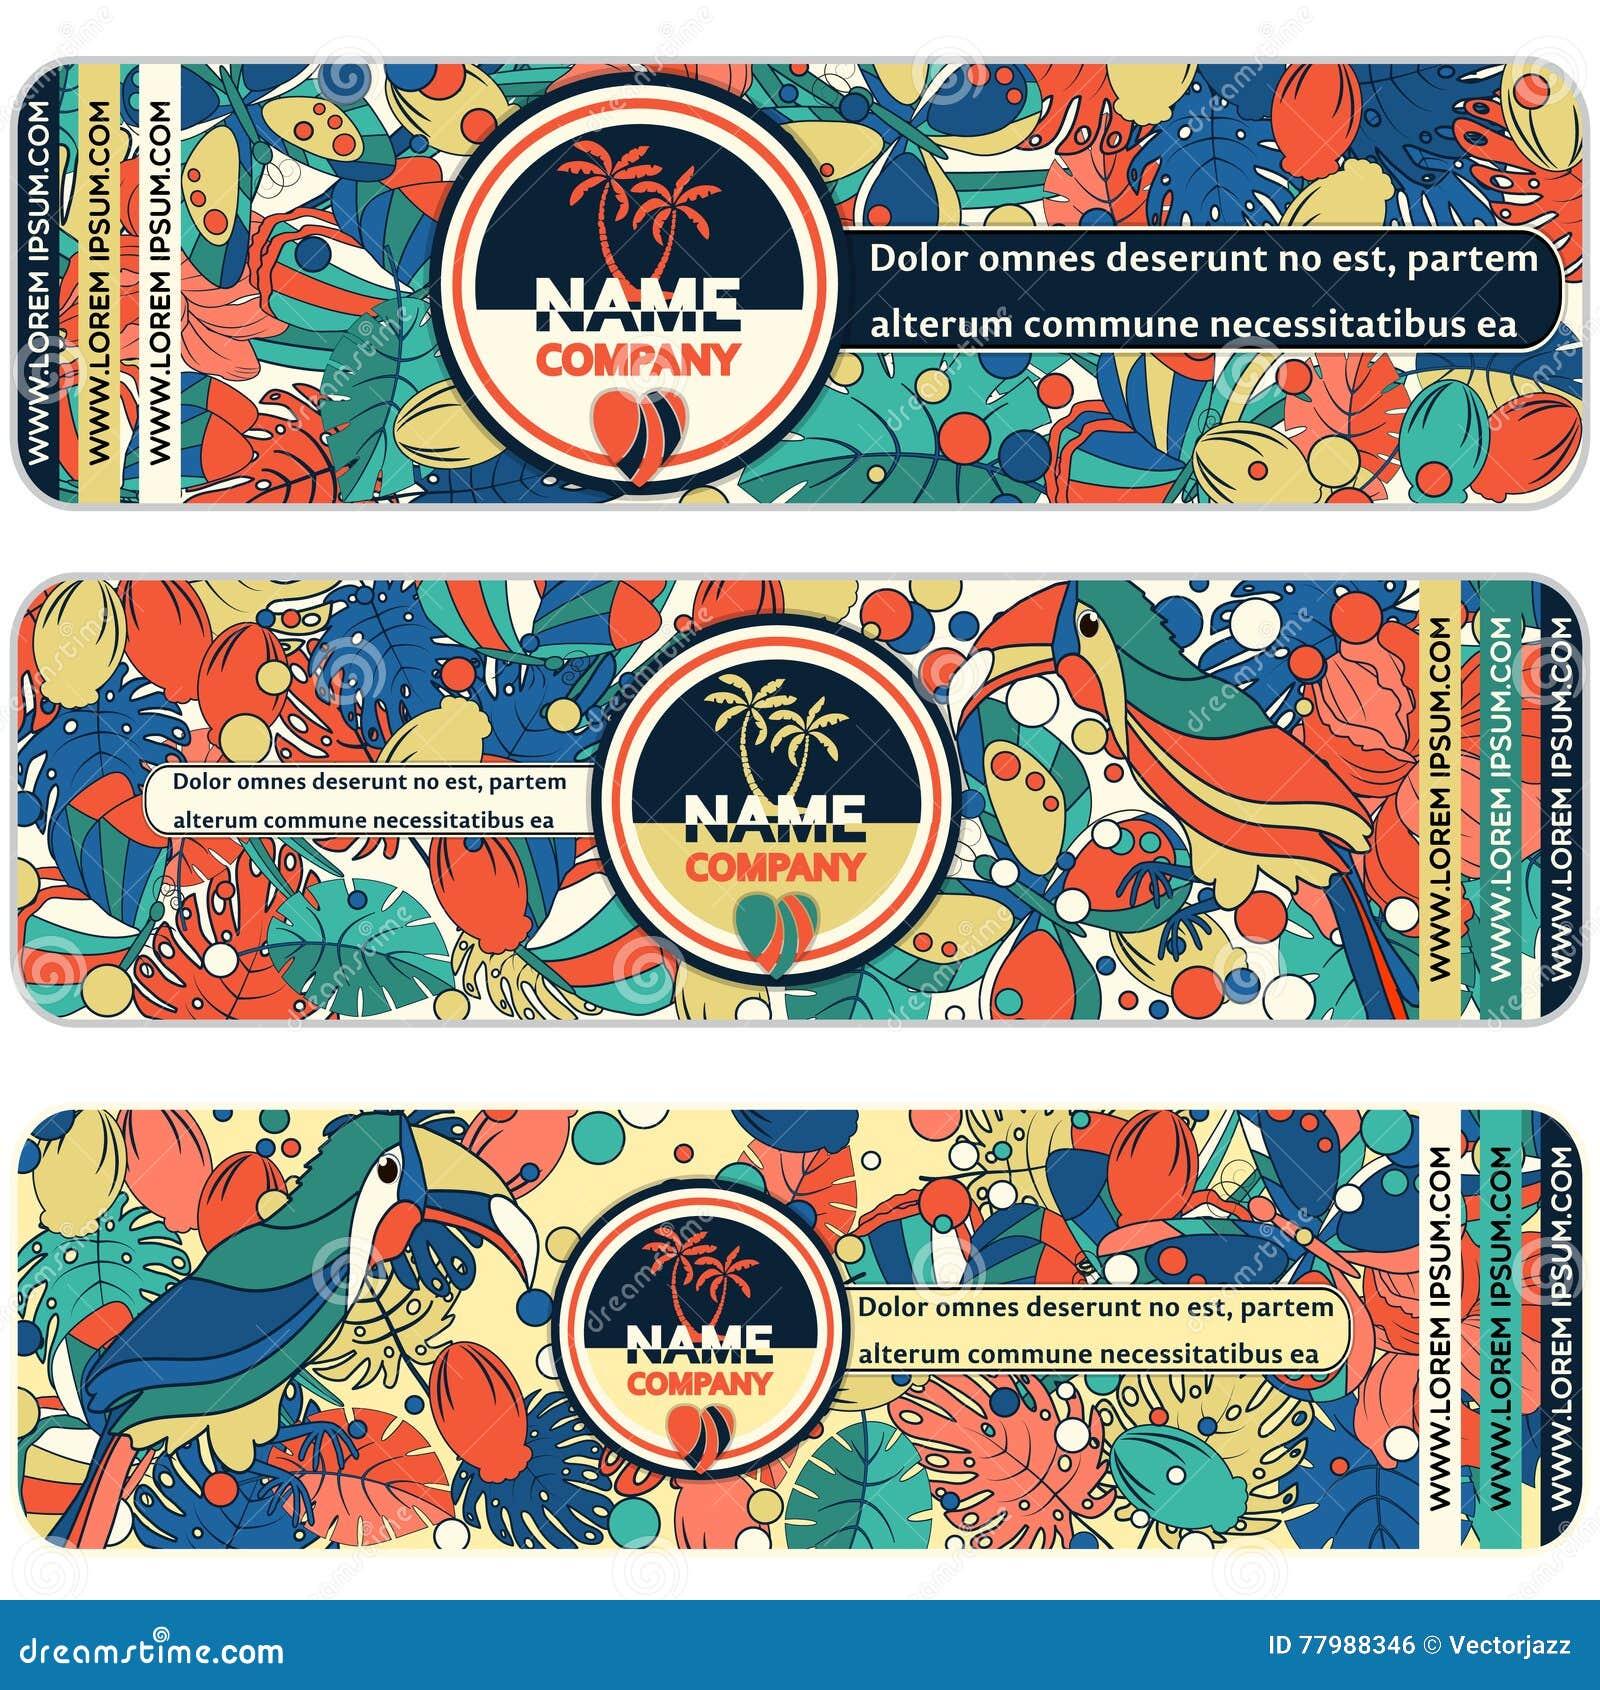 Bannieres De Collection Tourist Company Placez Concept Fond Dans Les Lignes Minces Plates Style Densemble Avec Lillustration Conception Label